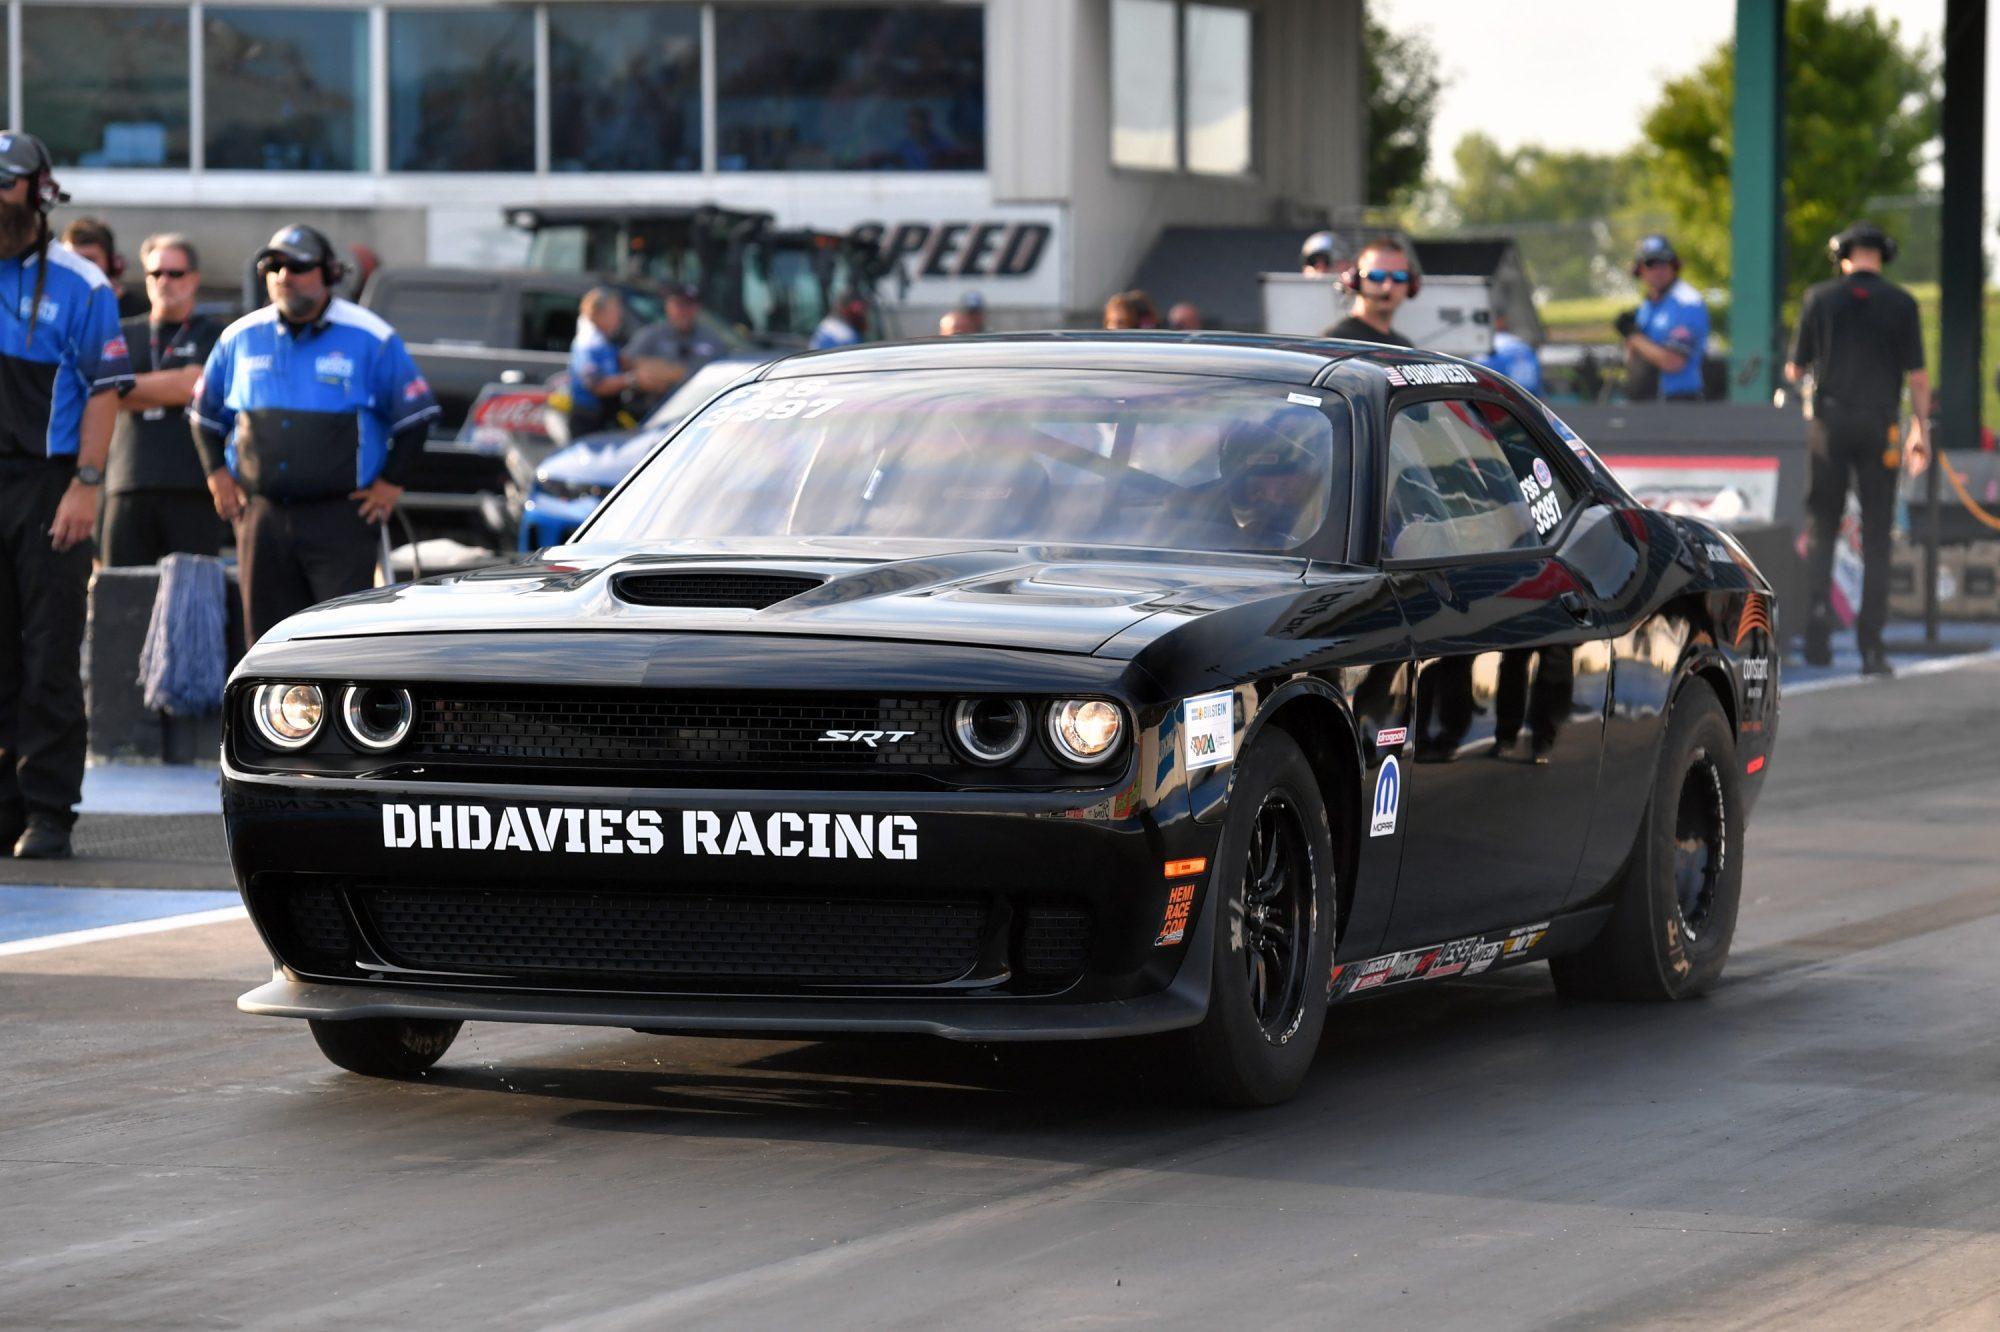 Dave Davies drag racing